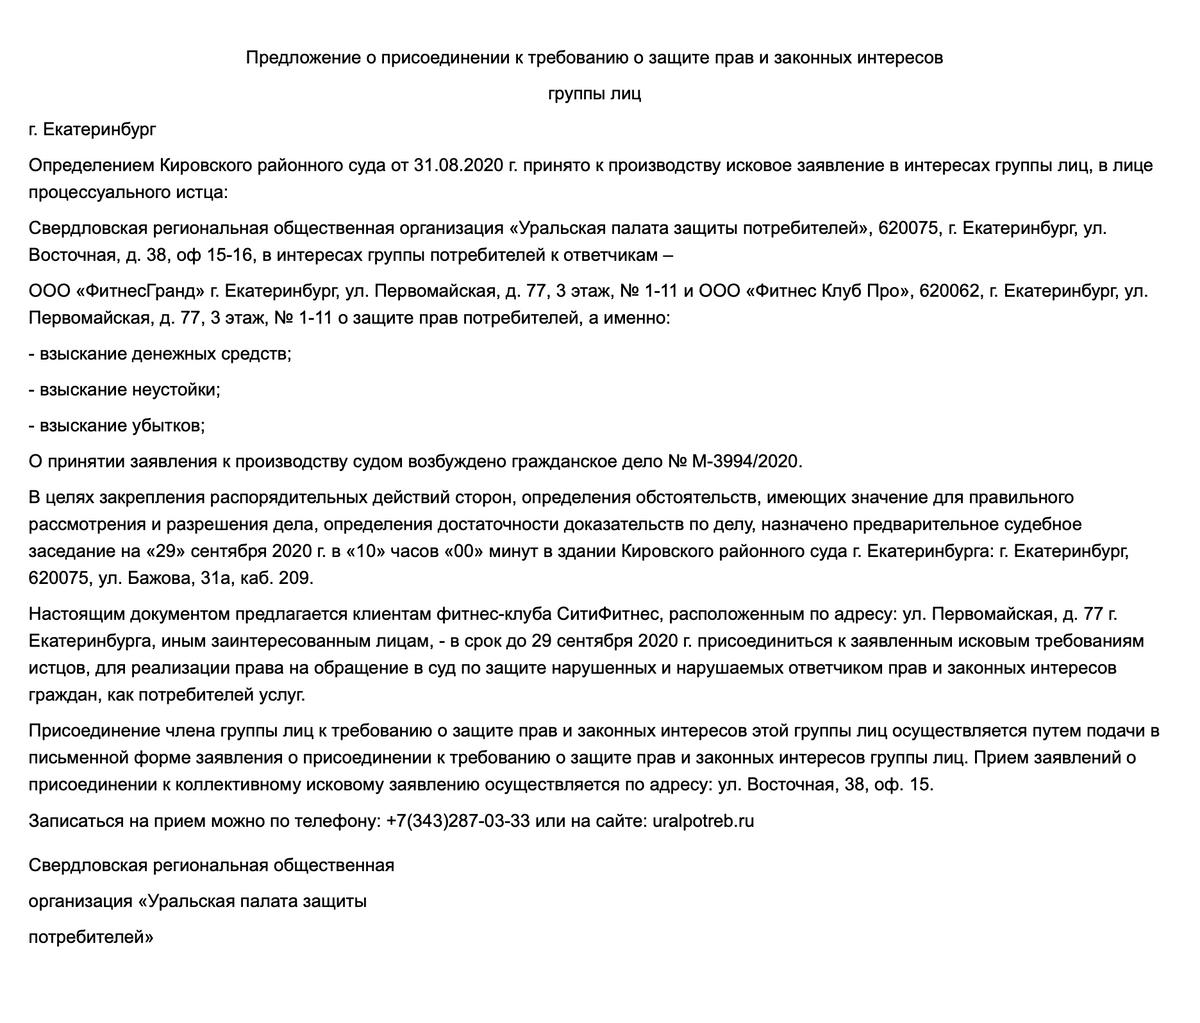 Предложение о присоединении к коллективному иску, которое на своем сайте опубликовал Кировский районный суд Екатеринбурга